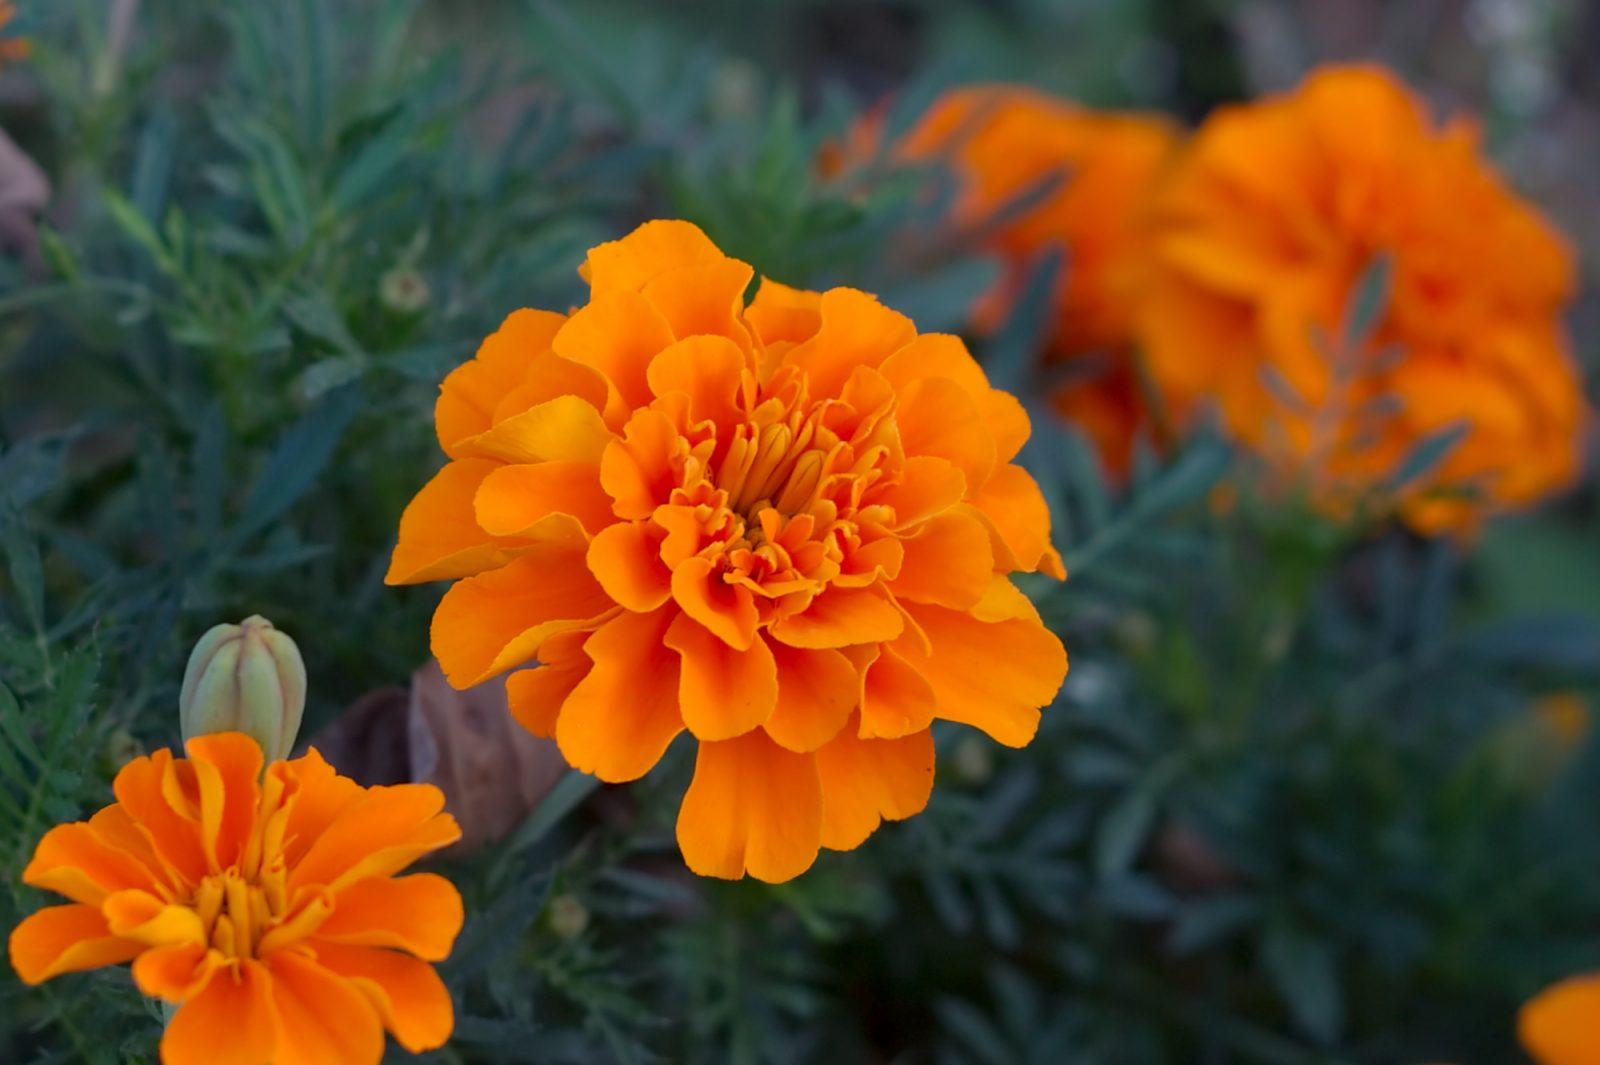 природа оранжевые цветы Бархатцы без смс